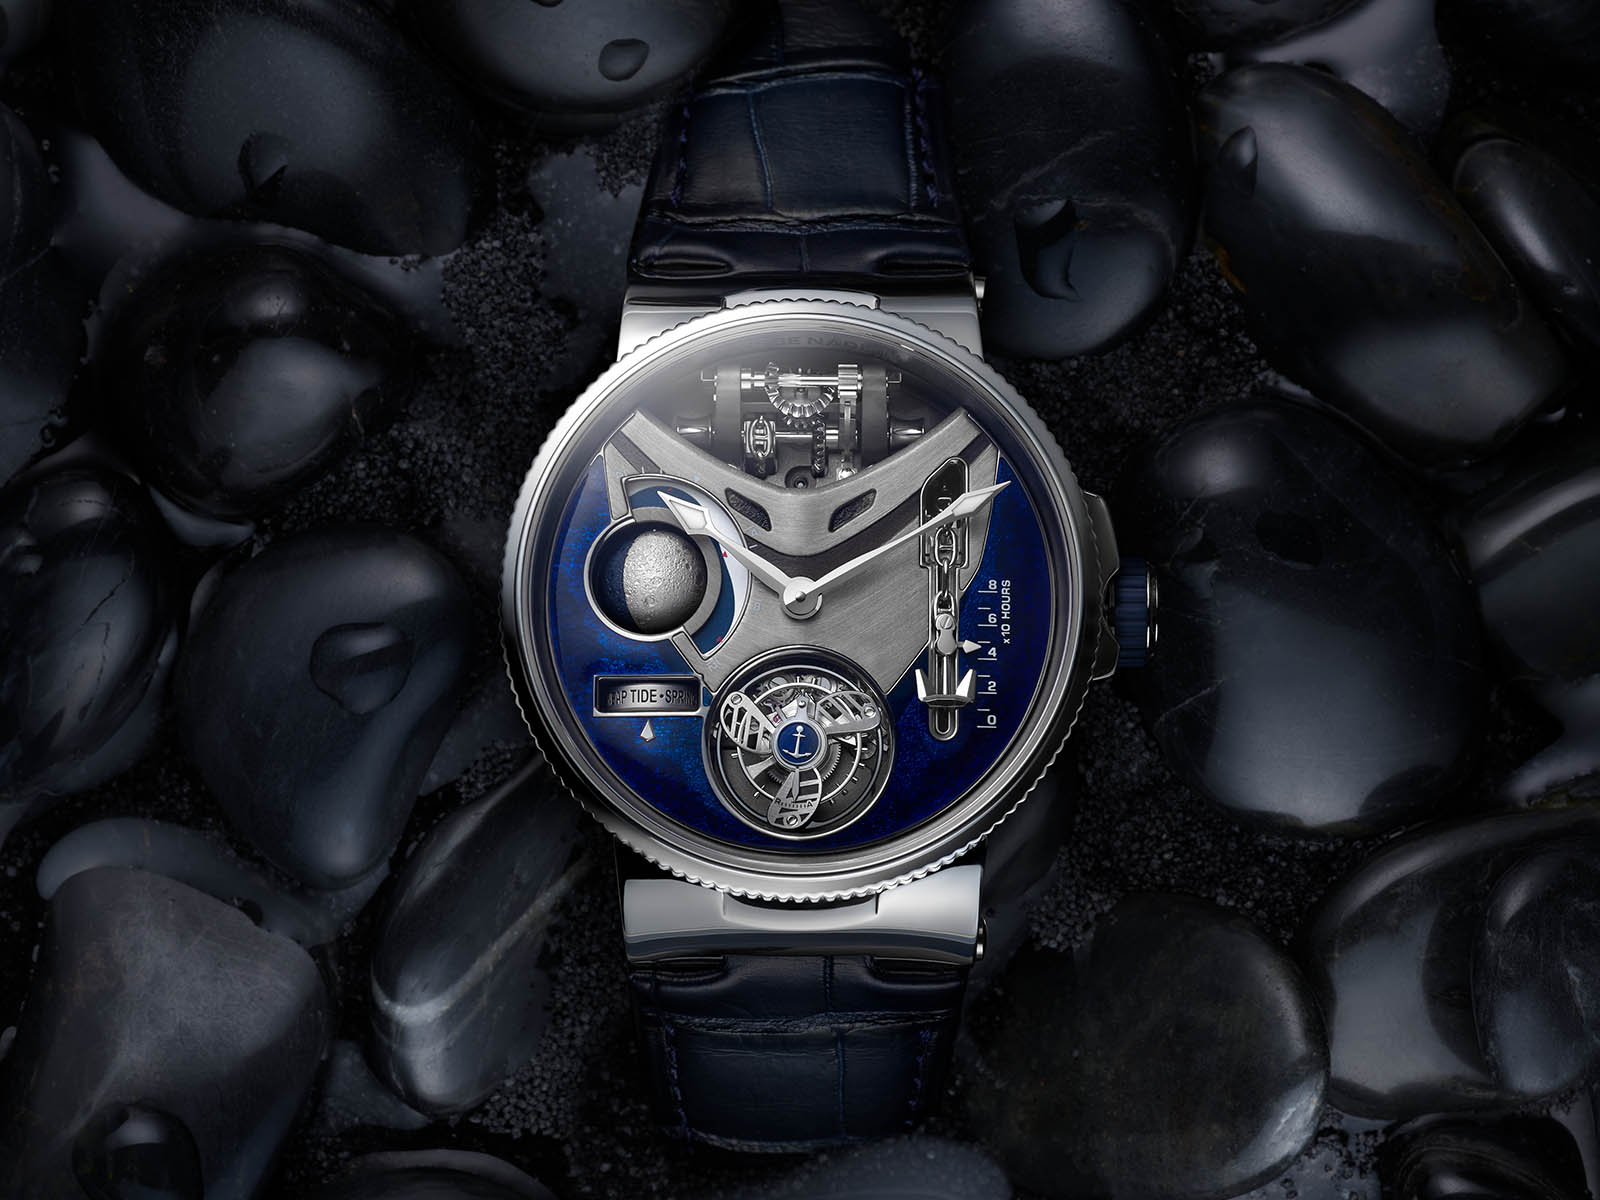 Hãng Ulysse Nardin giới thiệu bộ đôi đồng hồ lộ cơ Tourbillon mang chủ đề Đại dương phóng khoáng